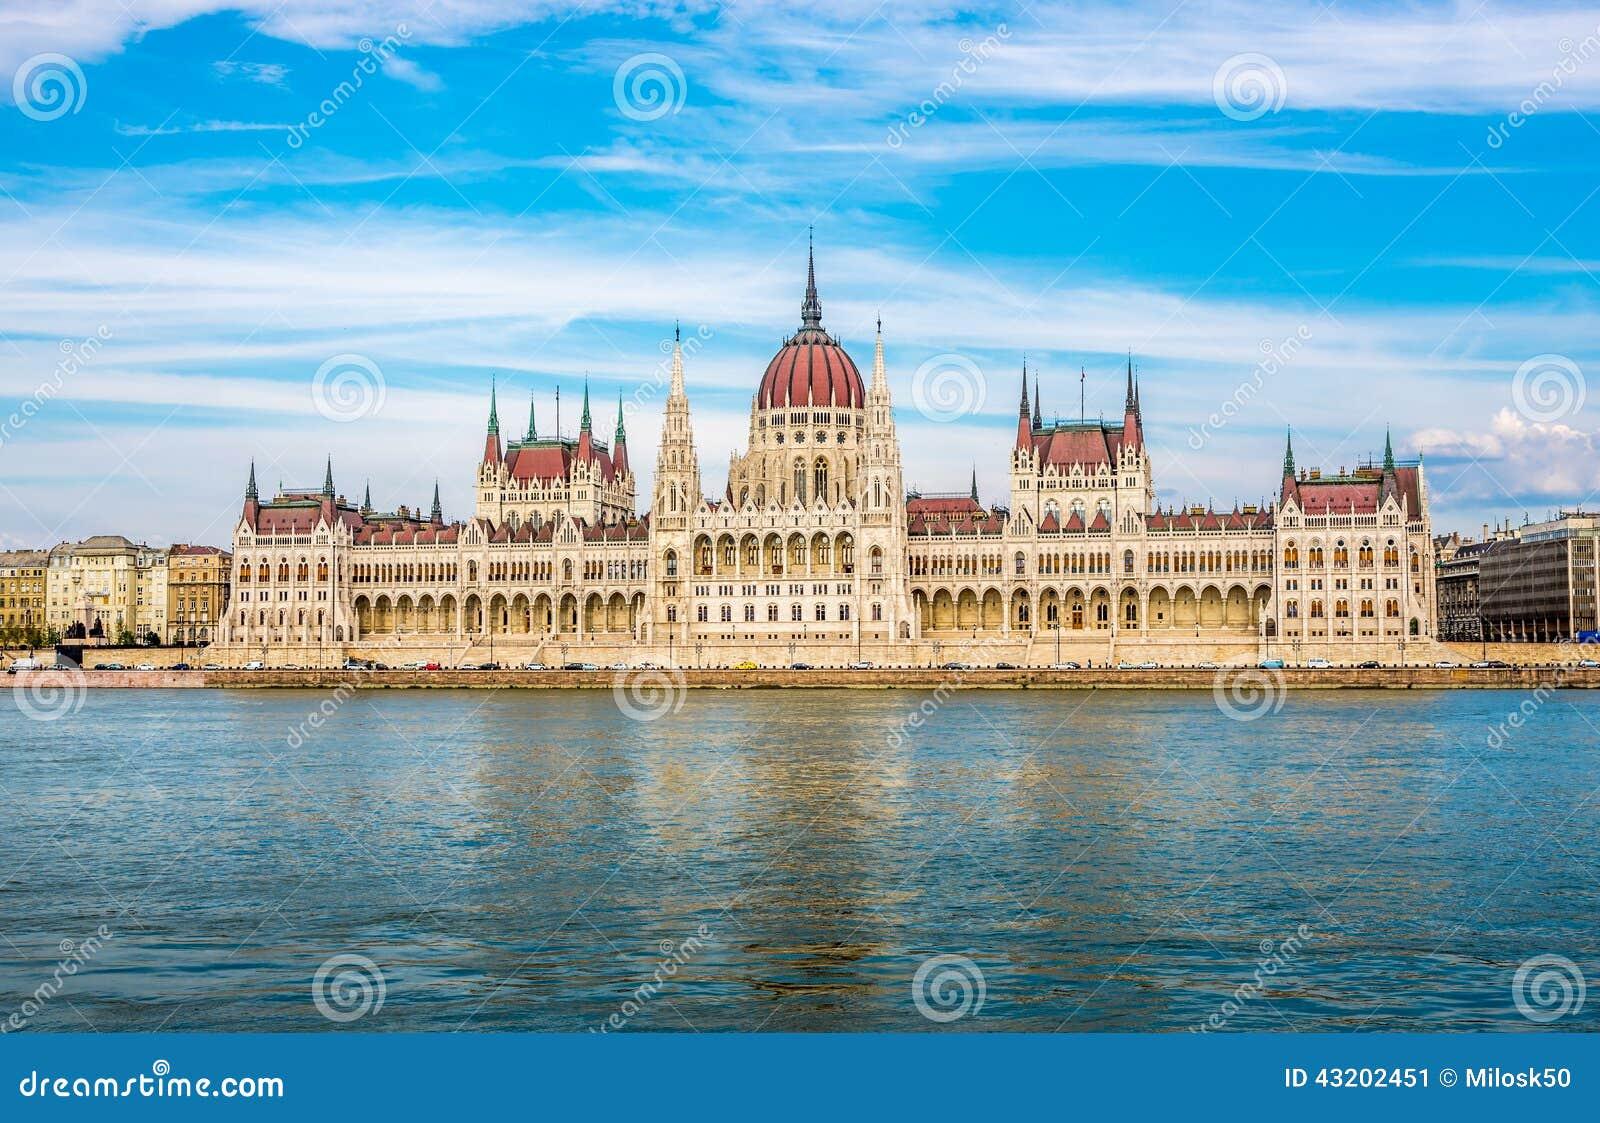 Download Sikt På Parlamentet I Budapest Fotografering för Bildbyråer - Bild av fotvandra, historia: 43202451